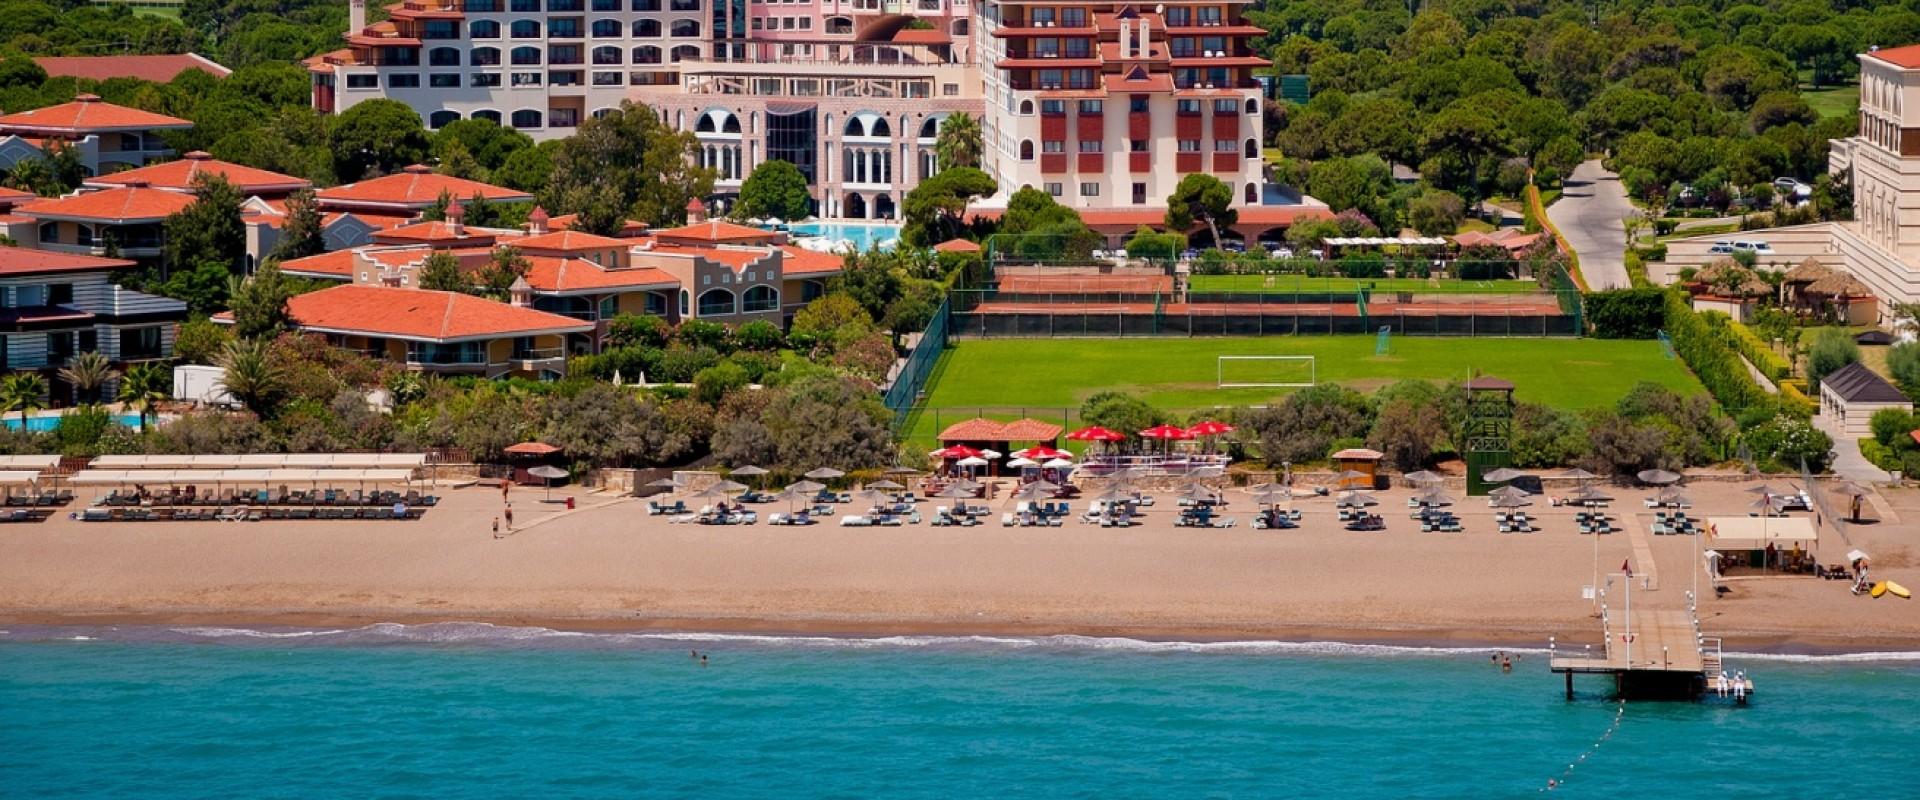 Odihnă la mare în Turcia, Belek, Hotel Sirene